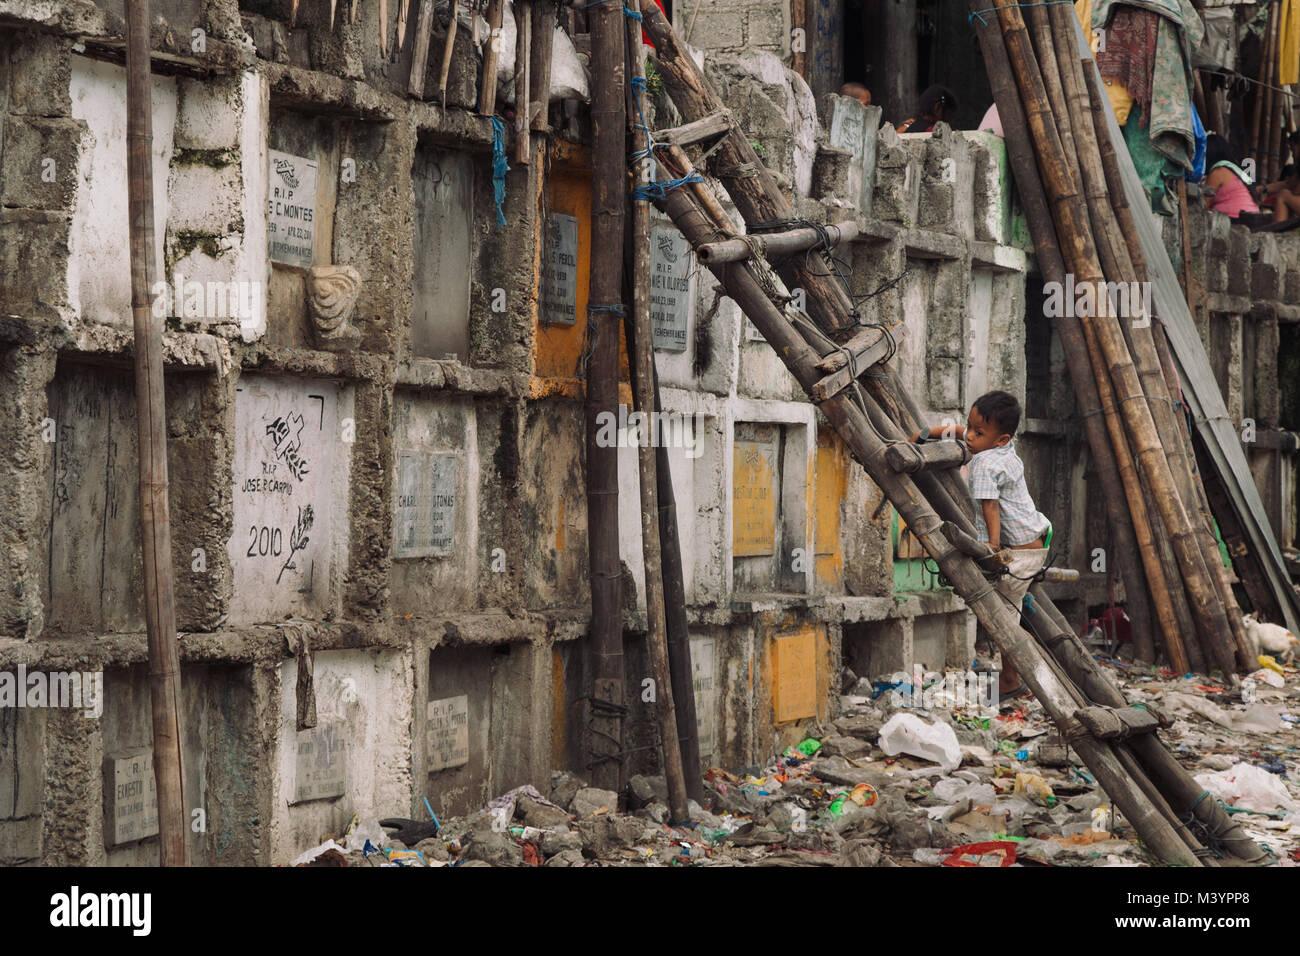 Manila, Manila, Philippinen. 7. Apr 2015. Ein Kind in den Slums auf ...